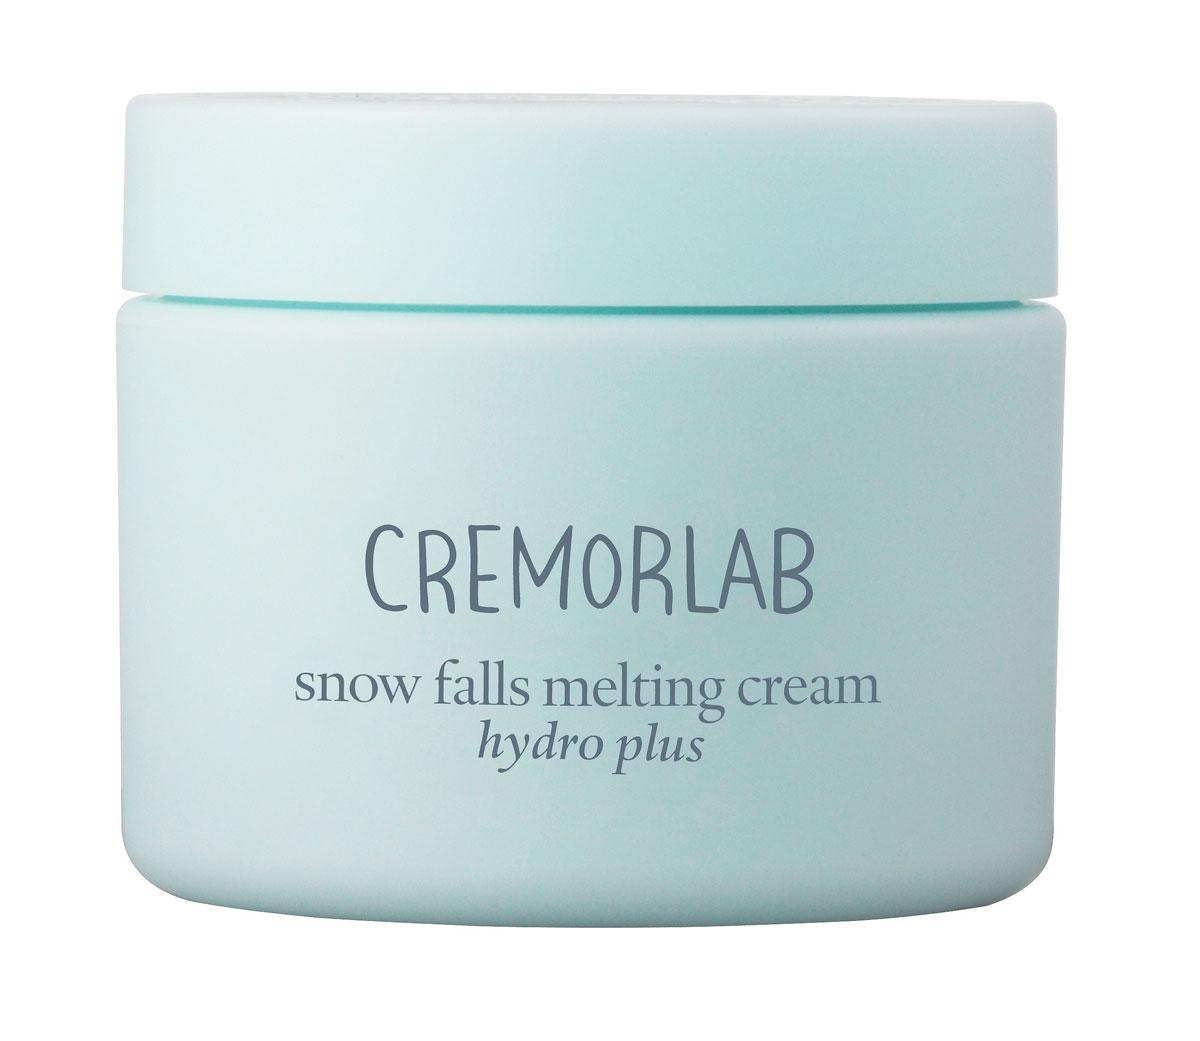 Cremorlab Hydro Plus Крем глубокого увлажнения с экстрактом эдельвейса Snow Falls Melting Cream, 60 мл61645Высокоэффективная увлажняющая формула крема, в котором природная минеральная вода обогащенная экстрактом эдельвейса и гиалуроновой кислотой, интенсивно увлажняет глубокие слои кожи и дарит ощущение бесконечной свежести. Мгновенно стирает следы усталости, быстро впитывается и эффективно снимает раздражение и красноту. Средство обладает способностью запиратьводу в коже (на 72 часа) и препятствовать ее избыточному испарению, что обеспечивает стойкий лифтинг эффект. Морской коллаген активизирует клеточный метаболизм, эффективно замедляет процессы старения, насыщает кожу жизненной энергией. Надежно защищает от неблагоприятных факторов окружающей среды. Не содержит парабенов, спиртов, искусственных красителей, PABA, талька, бензофенона. Подходит для всех типов и состояний кожи.